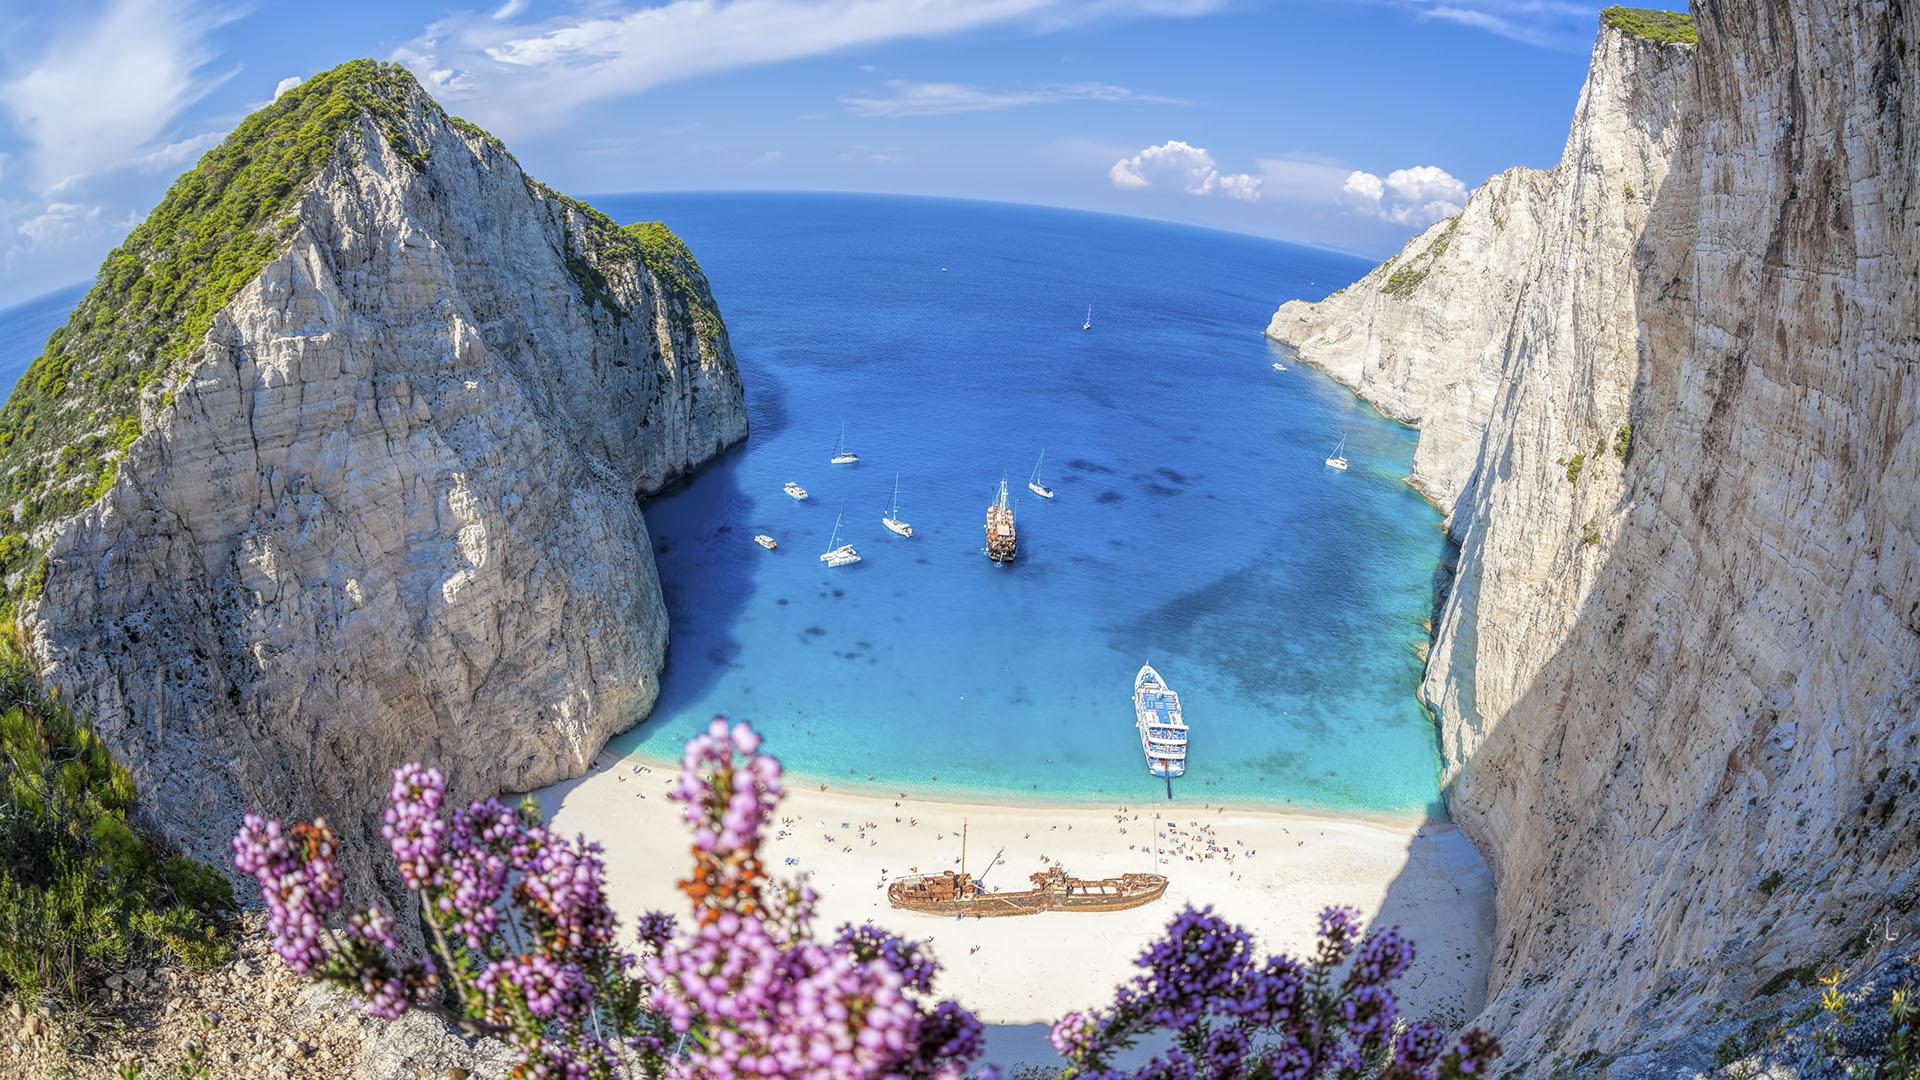 Playas_0006_Playa-de-Navagio-Grecia